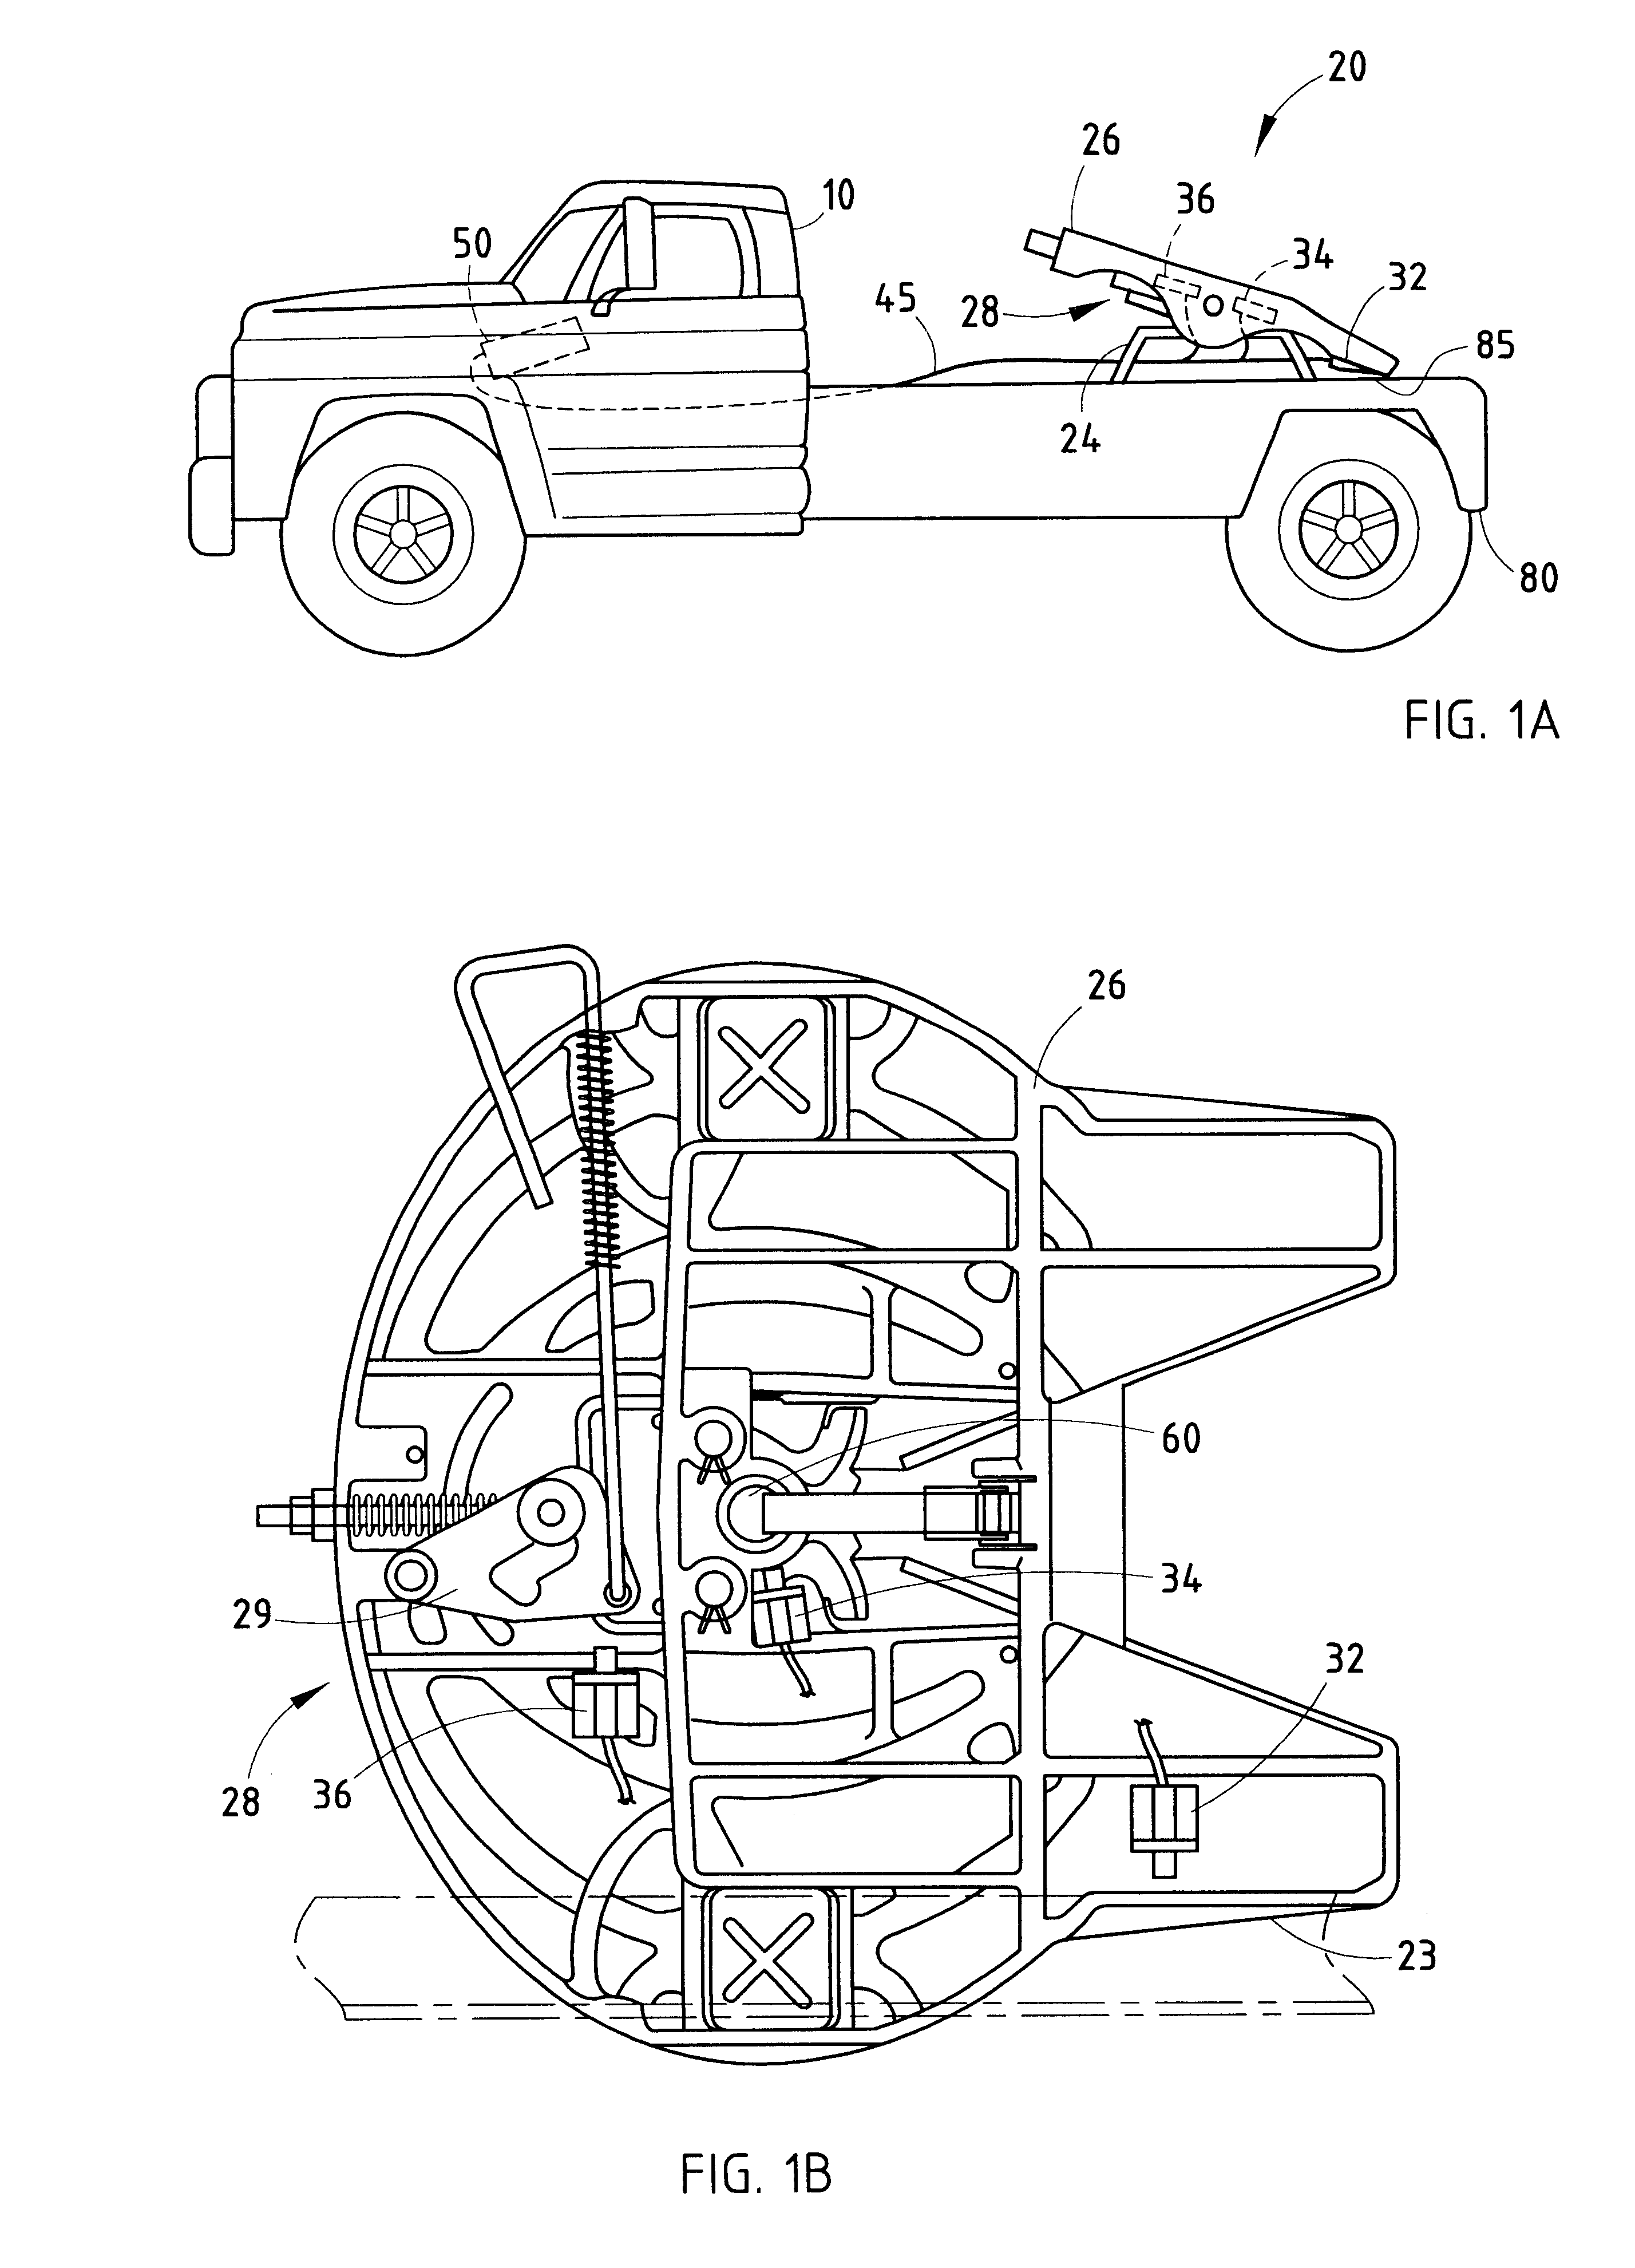 patent us6285278